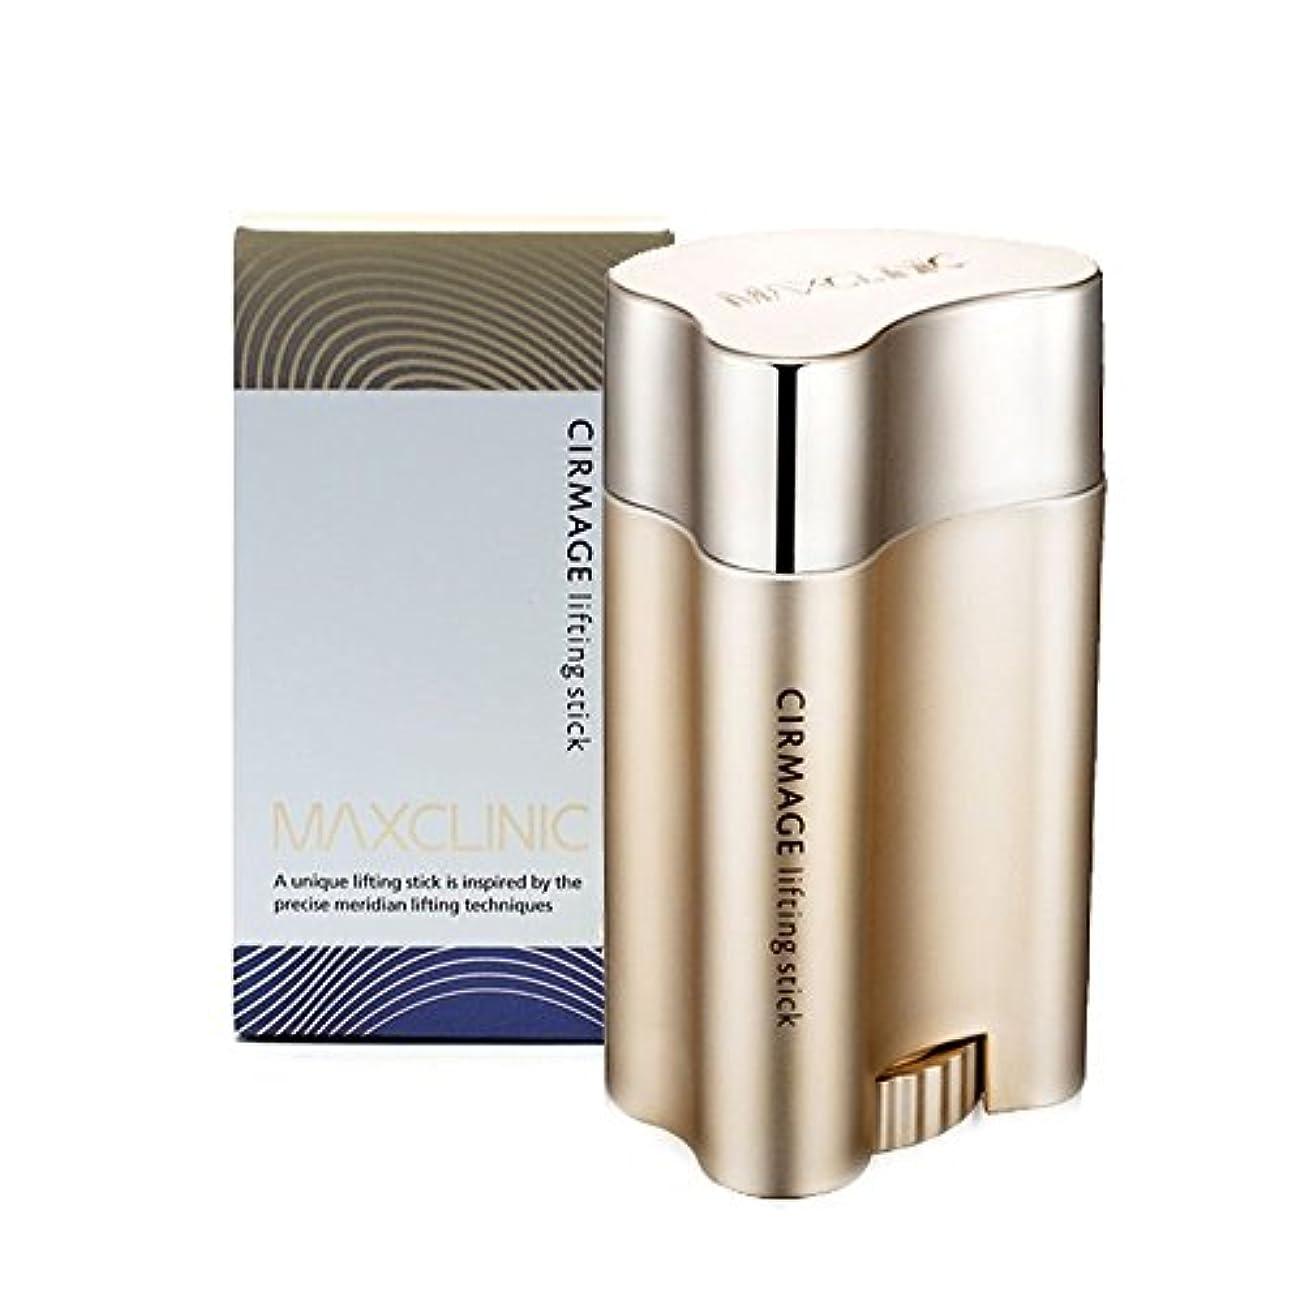 啓示フィードバック結果MAXCLINIC マックスクリニック サーメージ リフティング スティック 23g(Cirmage Lifting Stick 23g)/Direct from Korea/w free Gift Sample [並行輸入品]